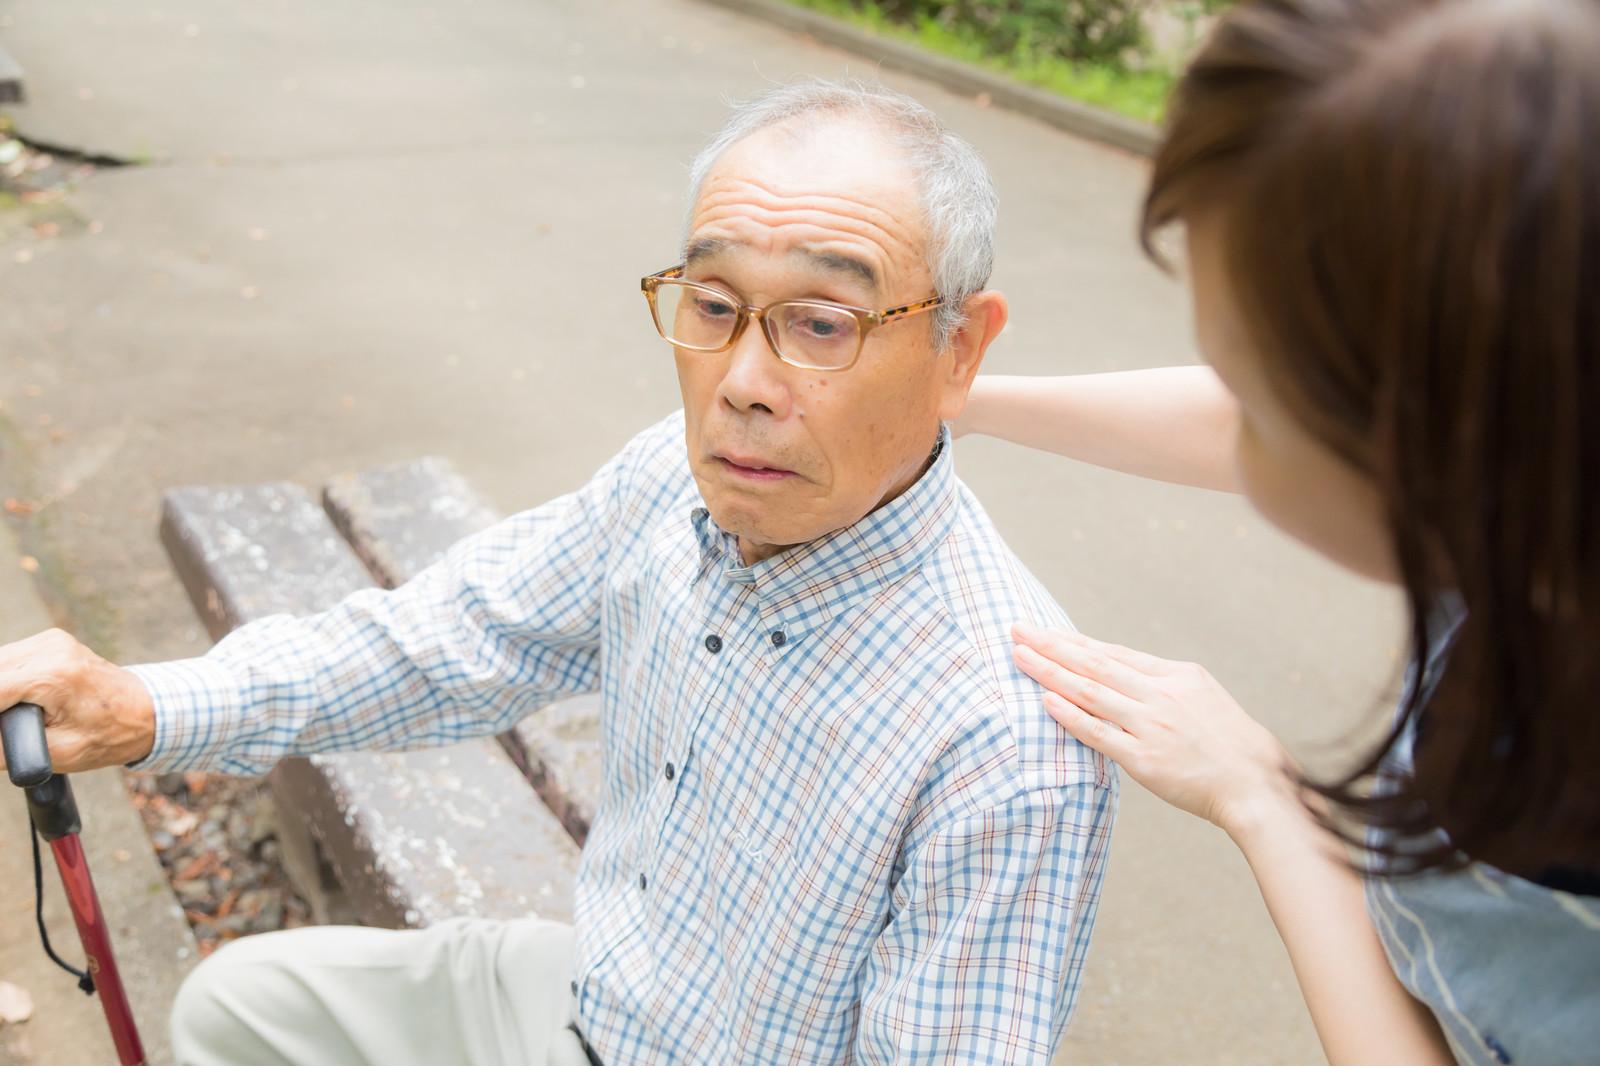 ▲老人,老年人,爺爺,照顧,老人家,老爺爺,失能,長壽,老年,老化。(圖/pakutaso)